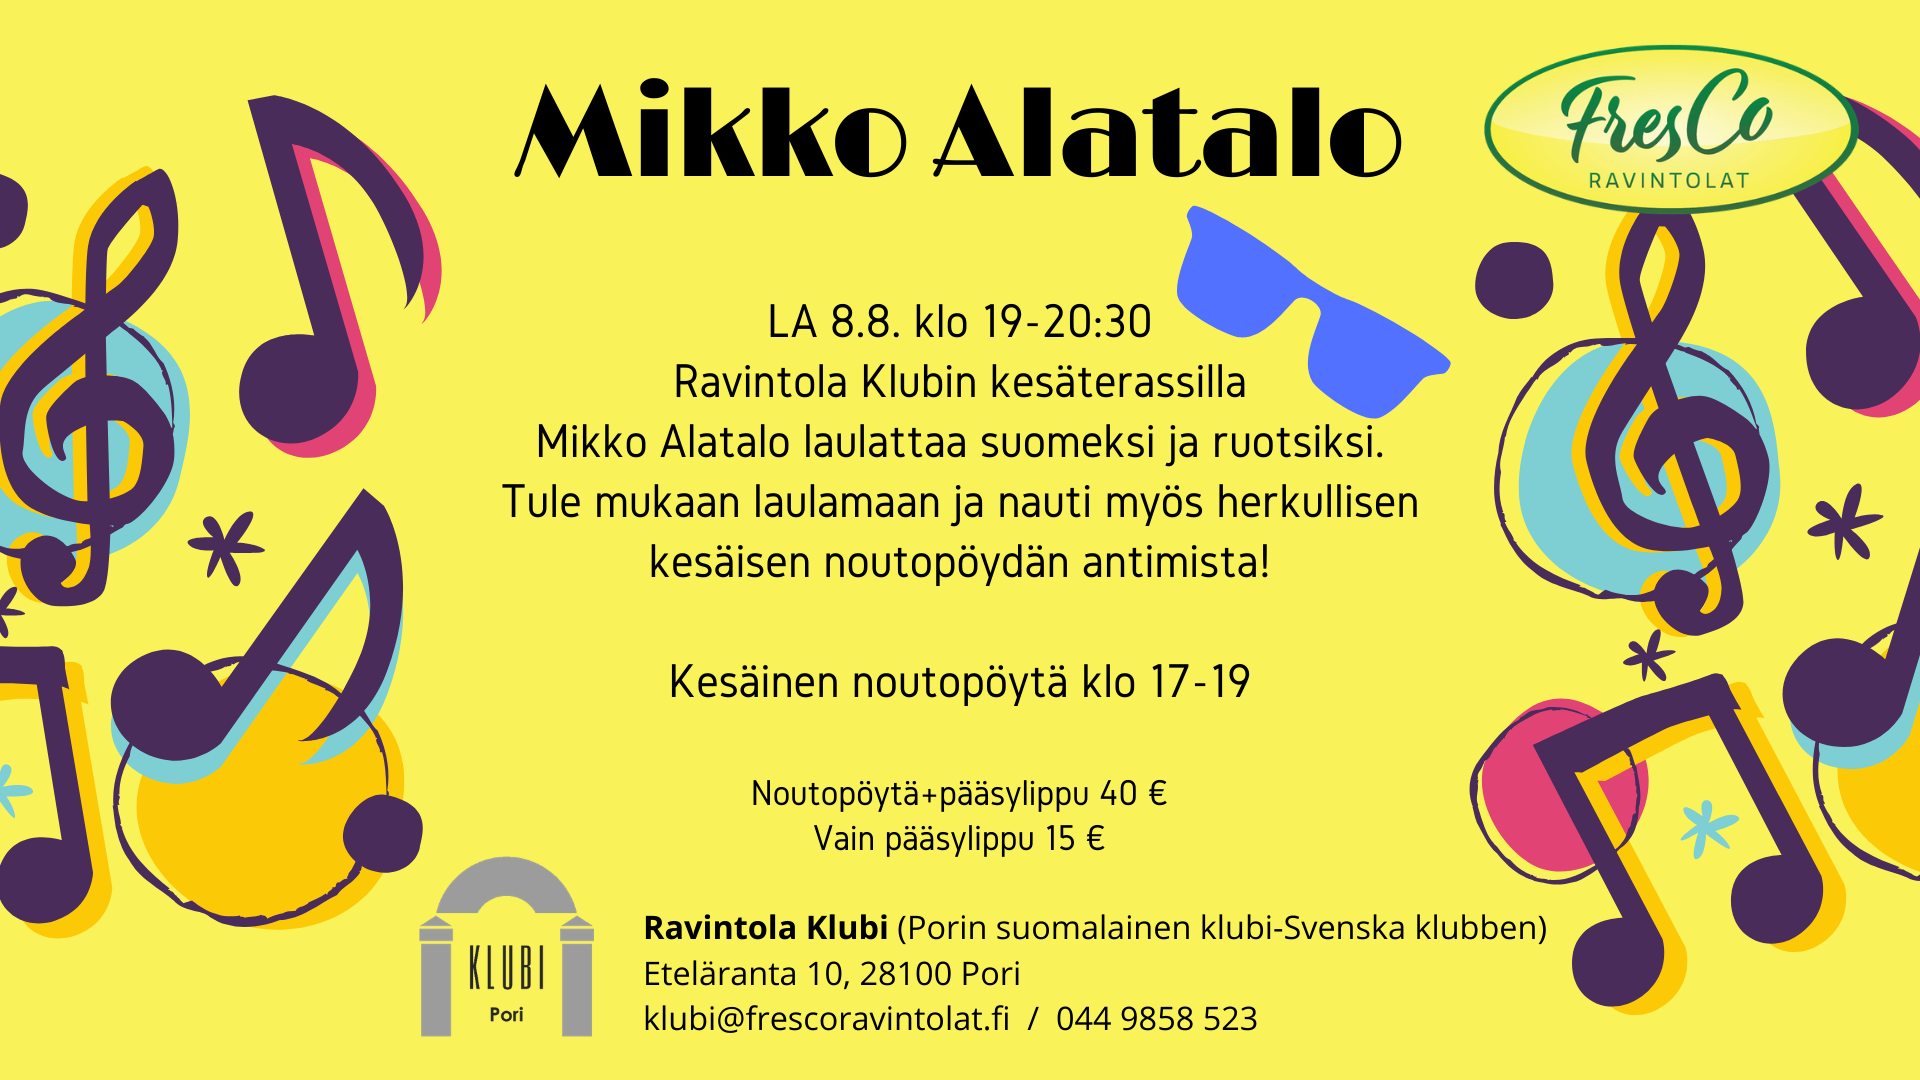 Mikko Alatalo laulattaa ravintola Klubin terassilla LA 8.8.